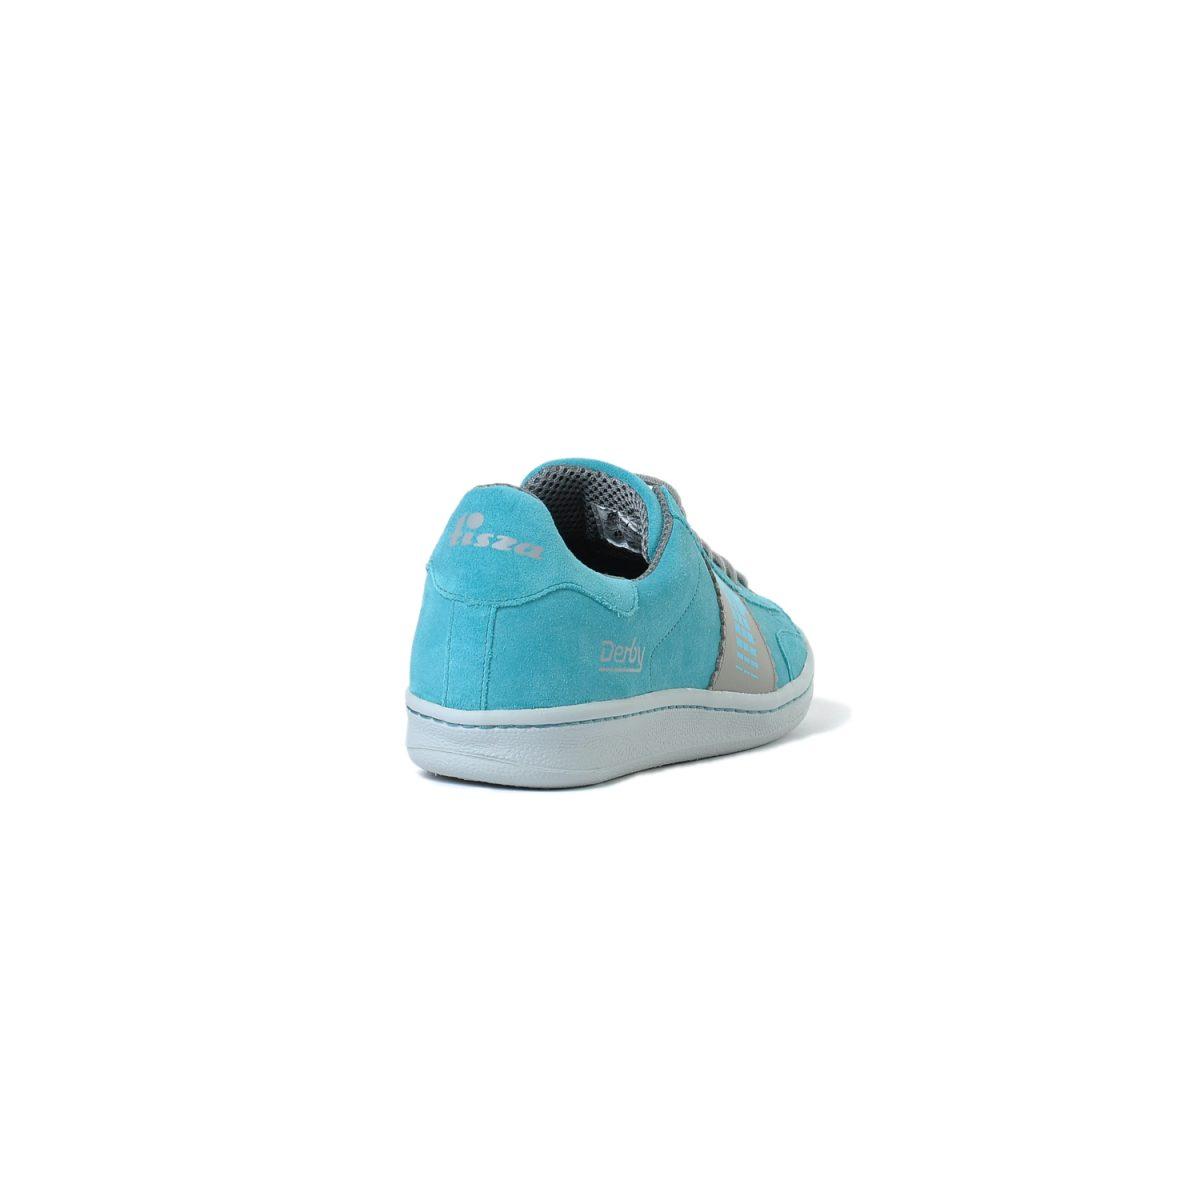 Tisza cipő - Derby - Víz-szürke